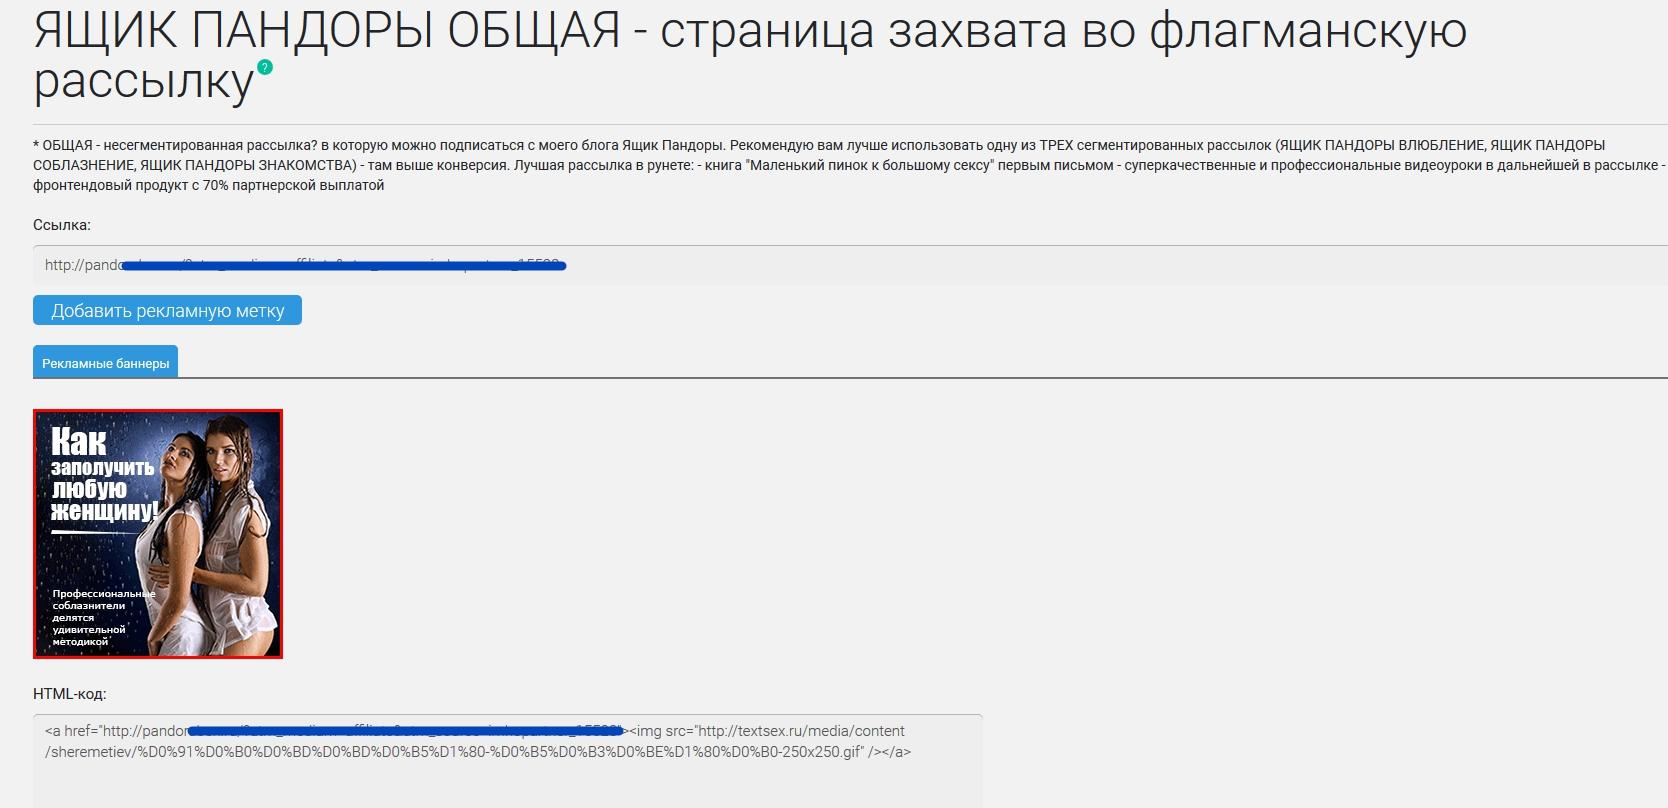 Рекламные материалы для партнерского продвижения Егора Шереметьева